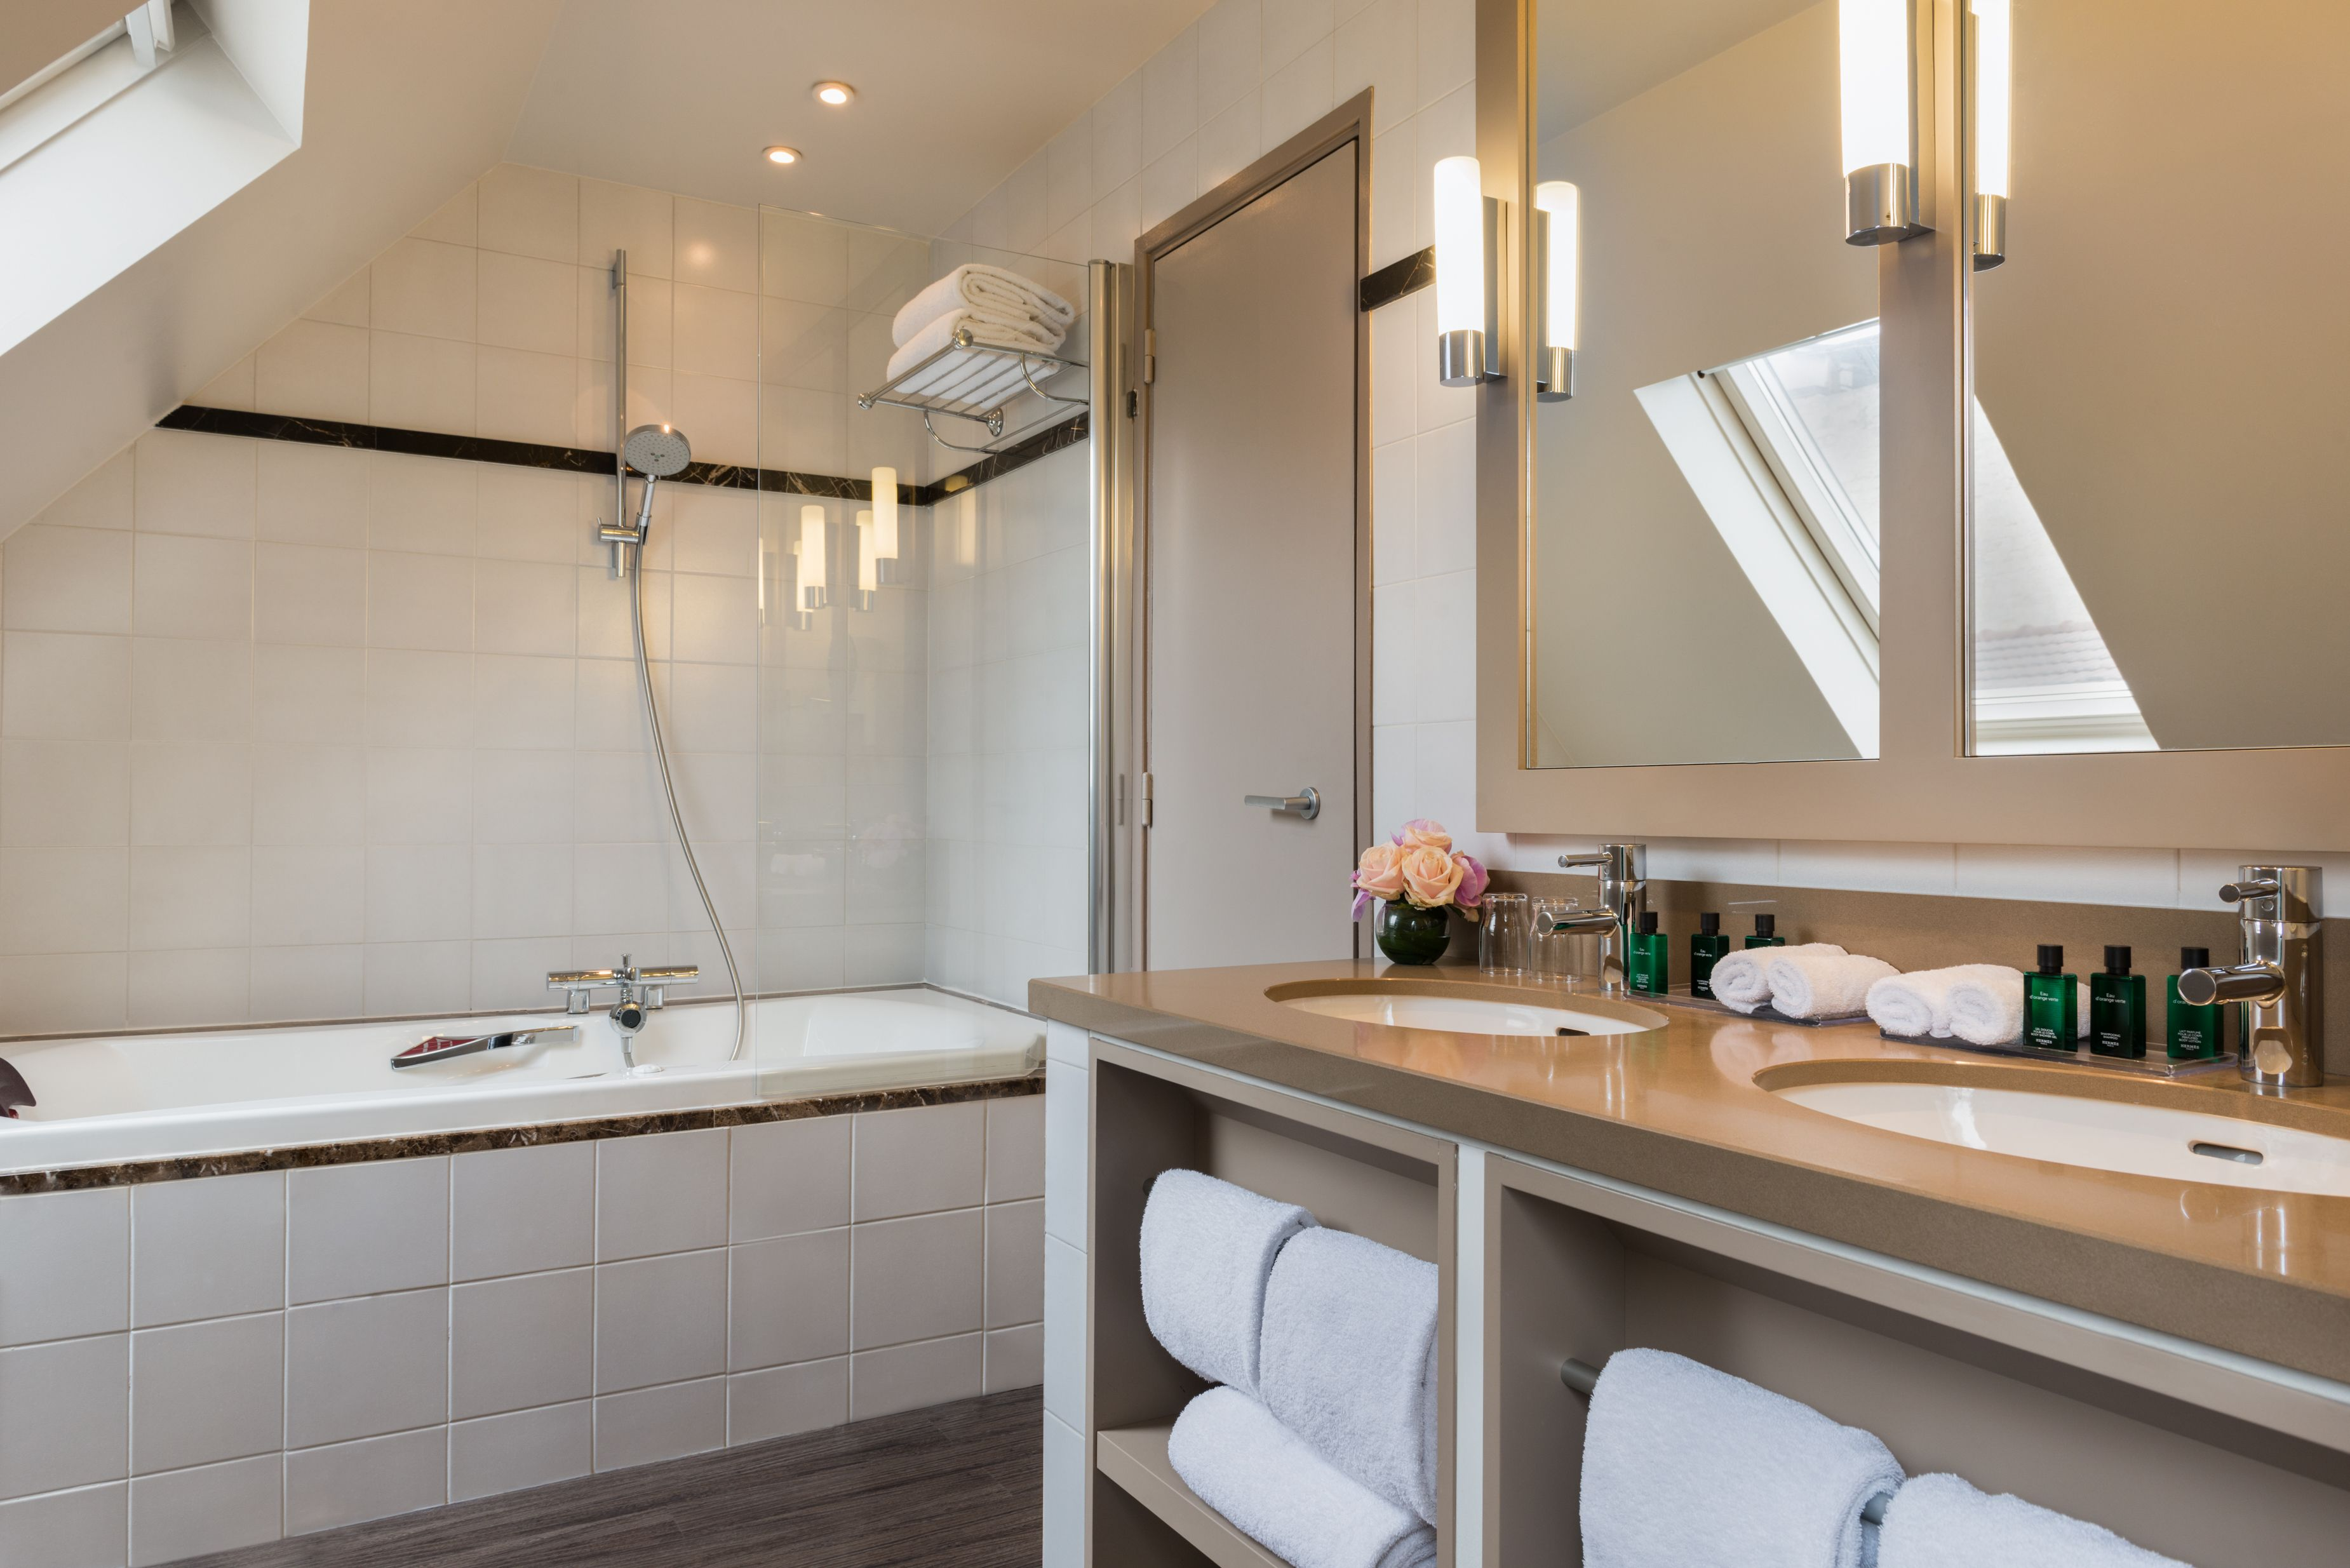 Hotel Le Tourville - Salle de Bain | Hotel Le Tourville | Pinterest